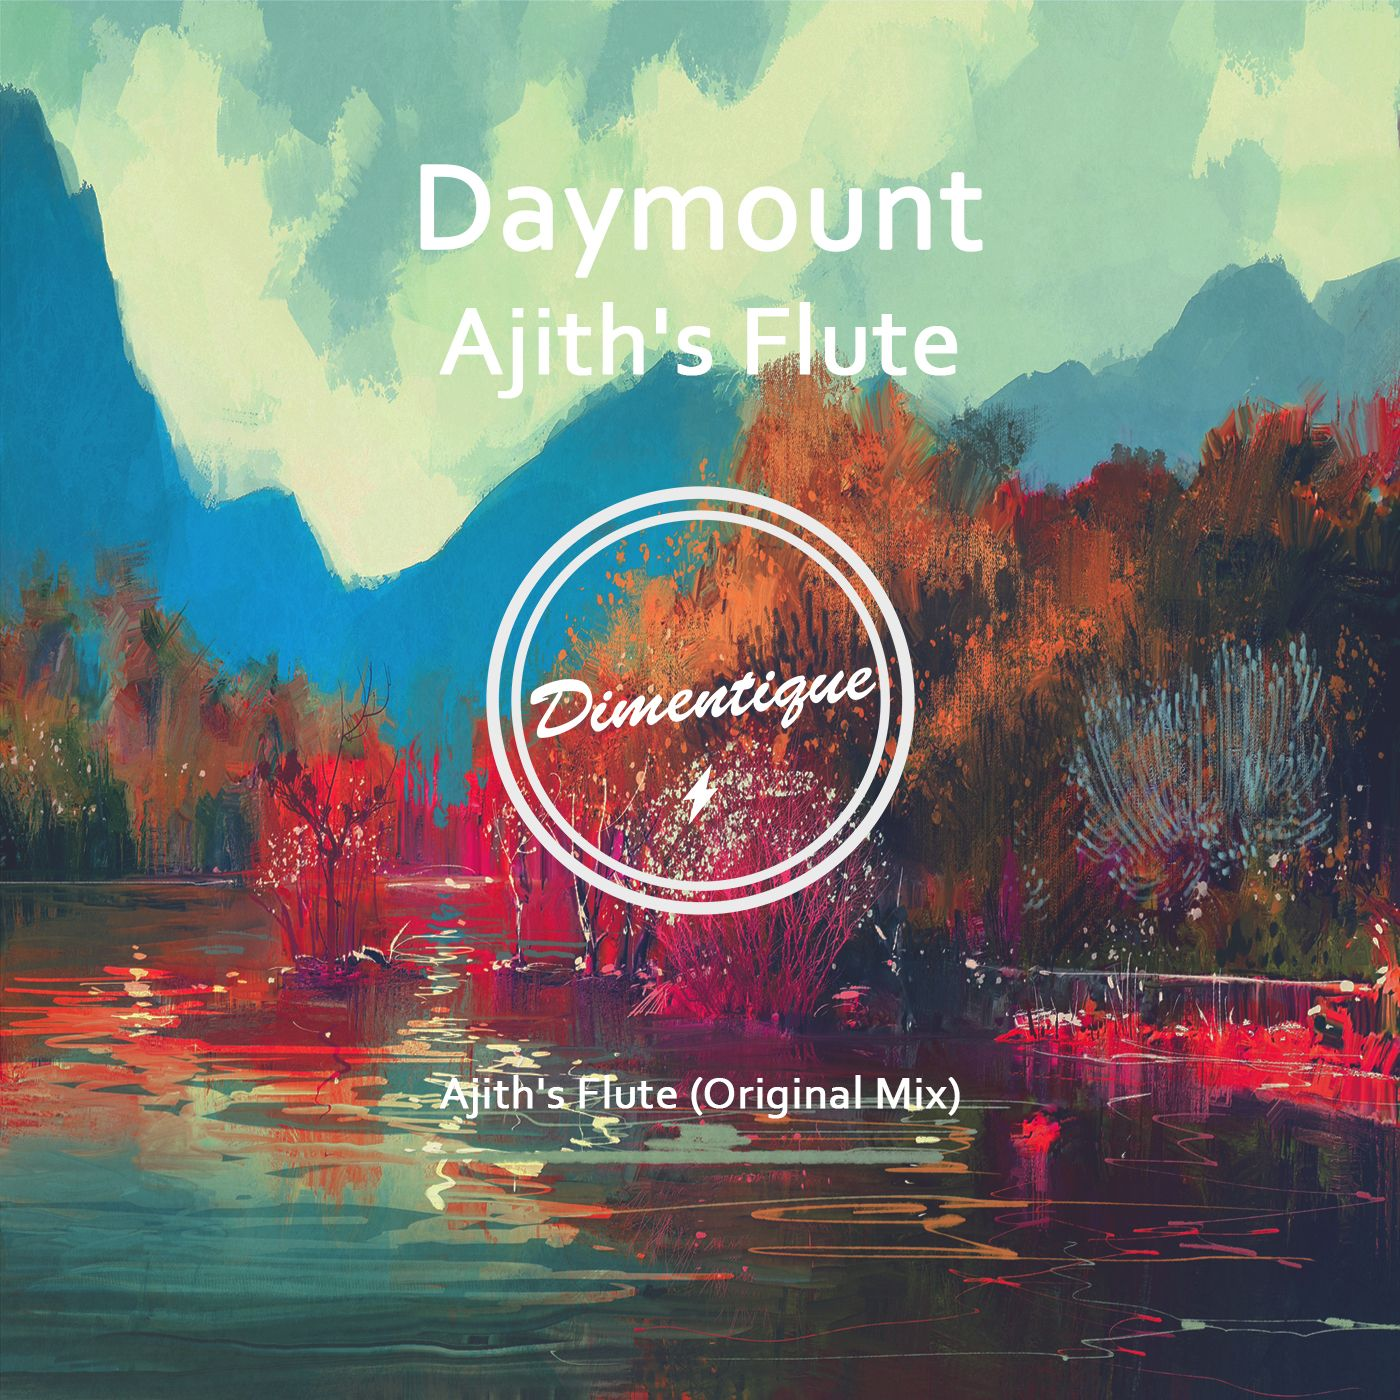 dimentique_new_art_2016_daymount_ajiths_flute.jpg